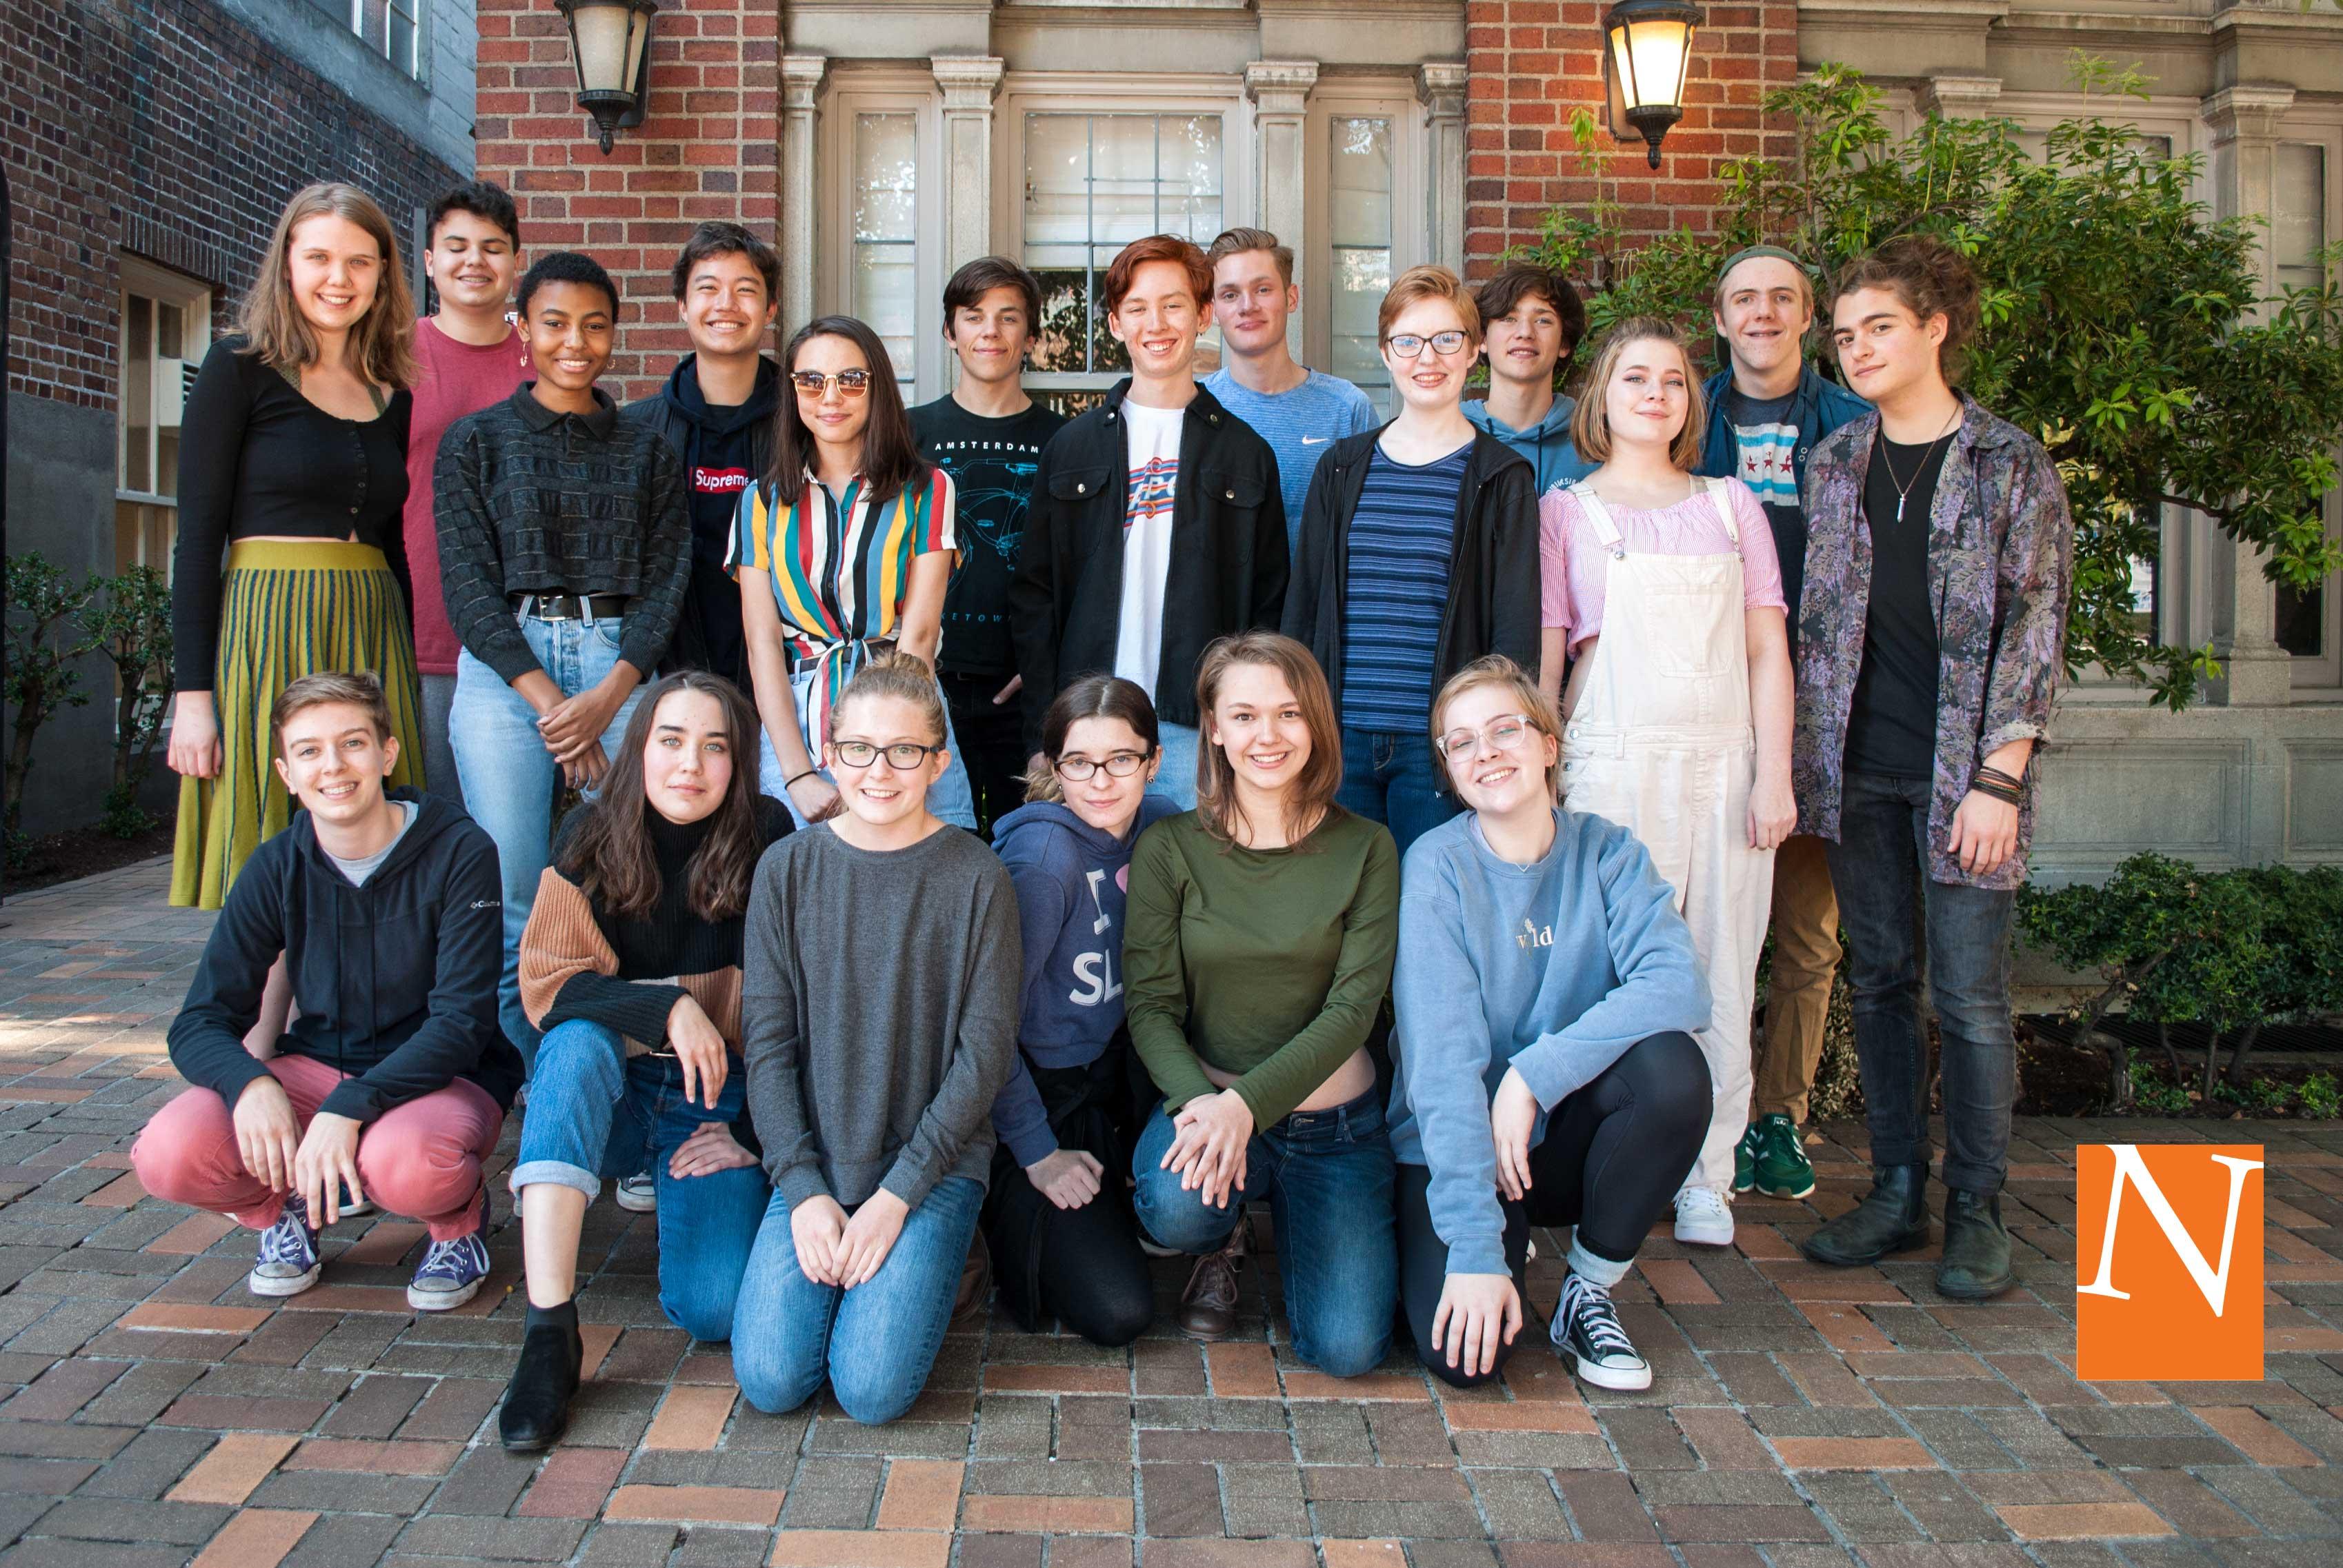 Northwest Academy Fundraiser